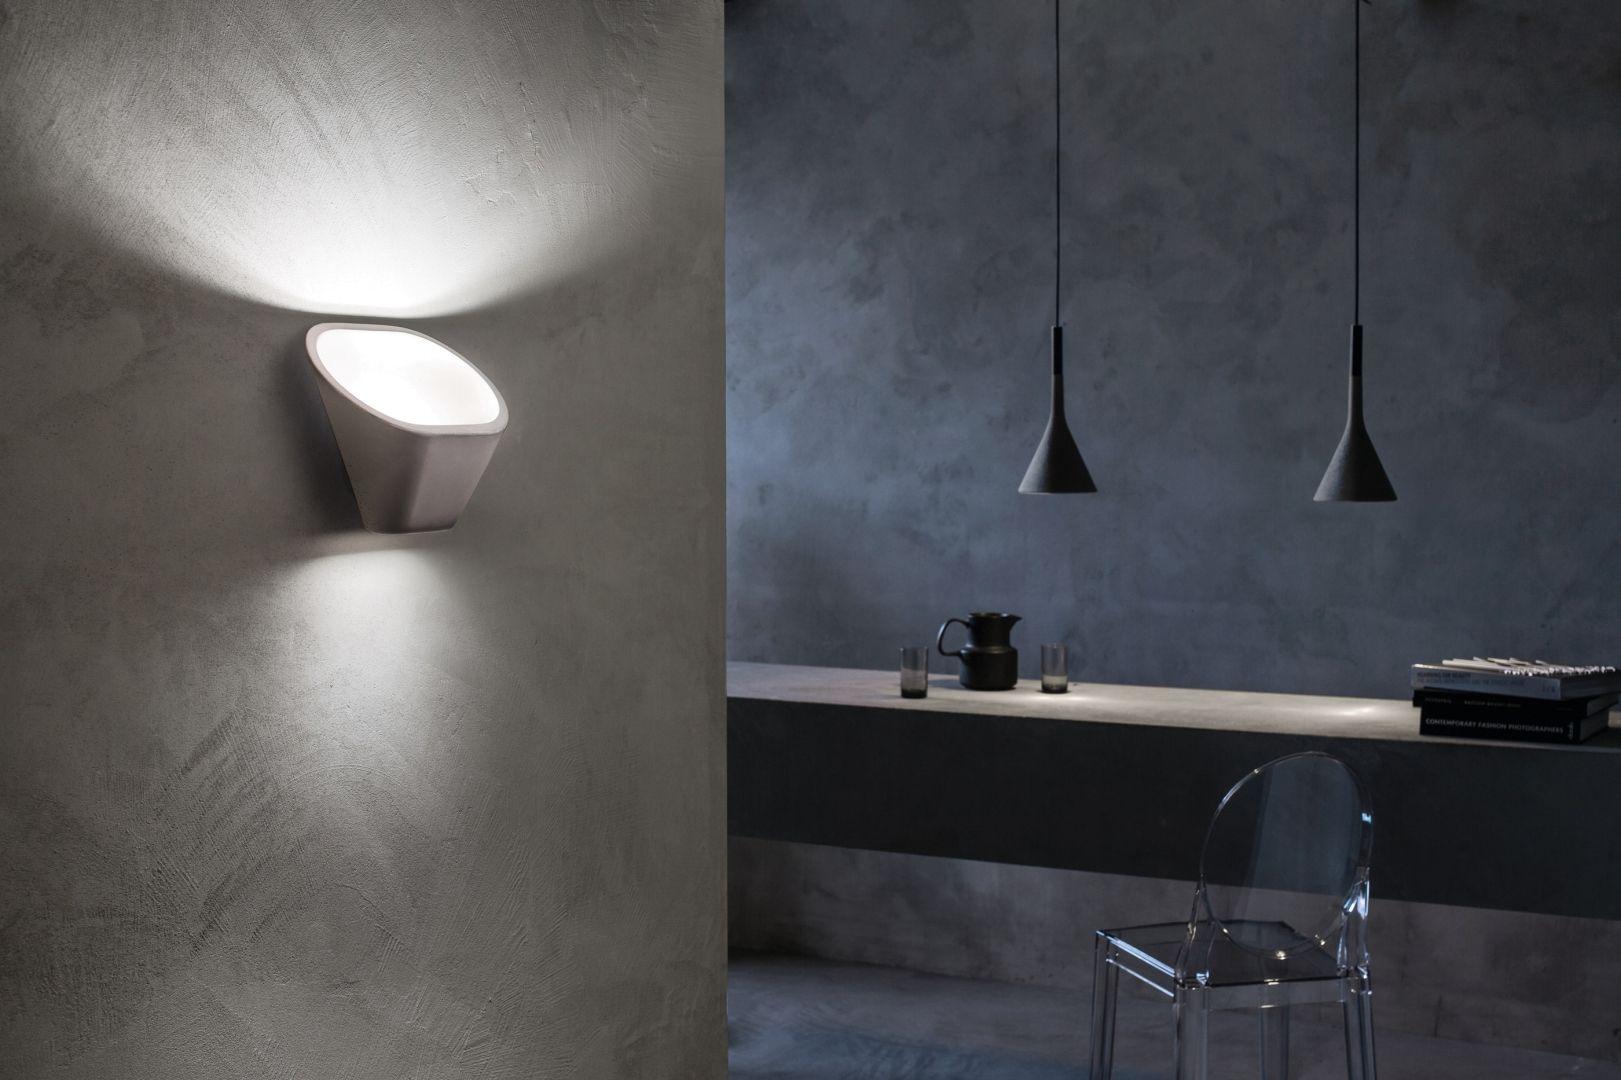 Eetkamer inspiratiefoto met Foscarini Binnenverlichting